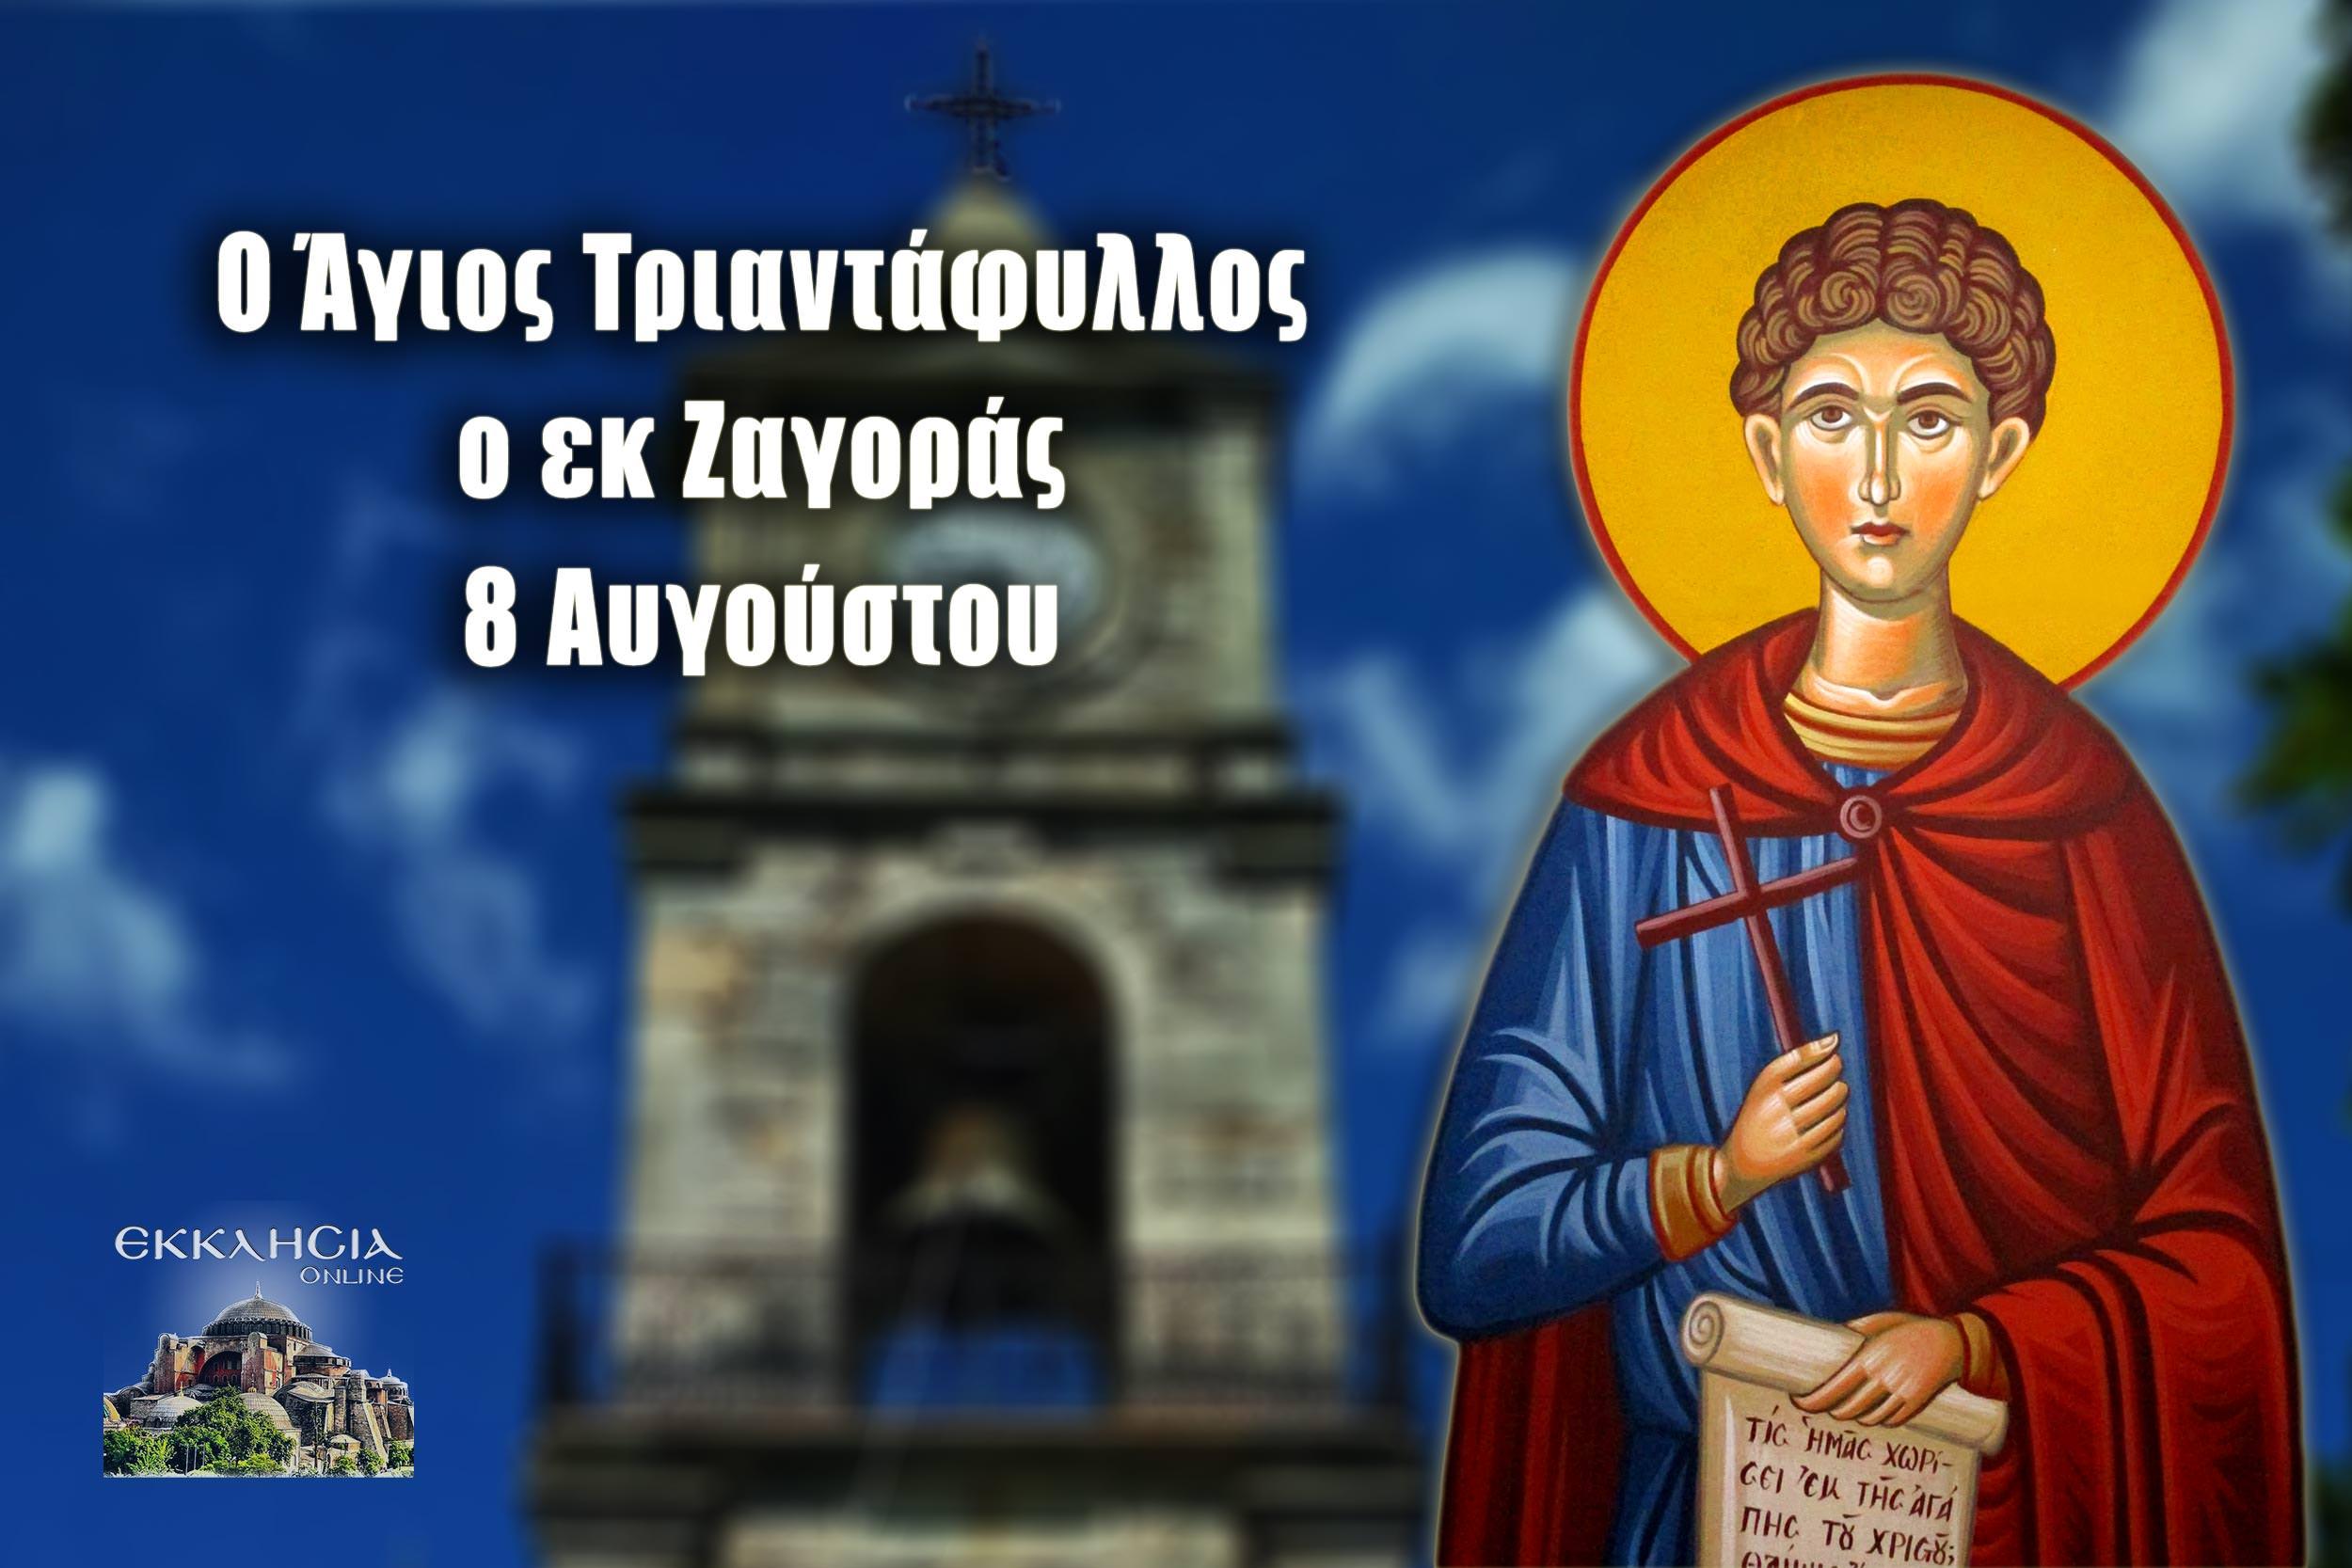 Άγιος Τριαντάφυλλος Ζαγοράς 8 Αυγούστου